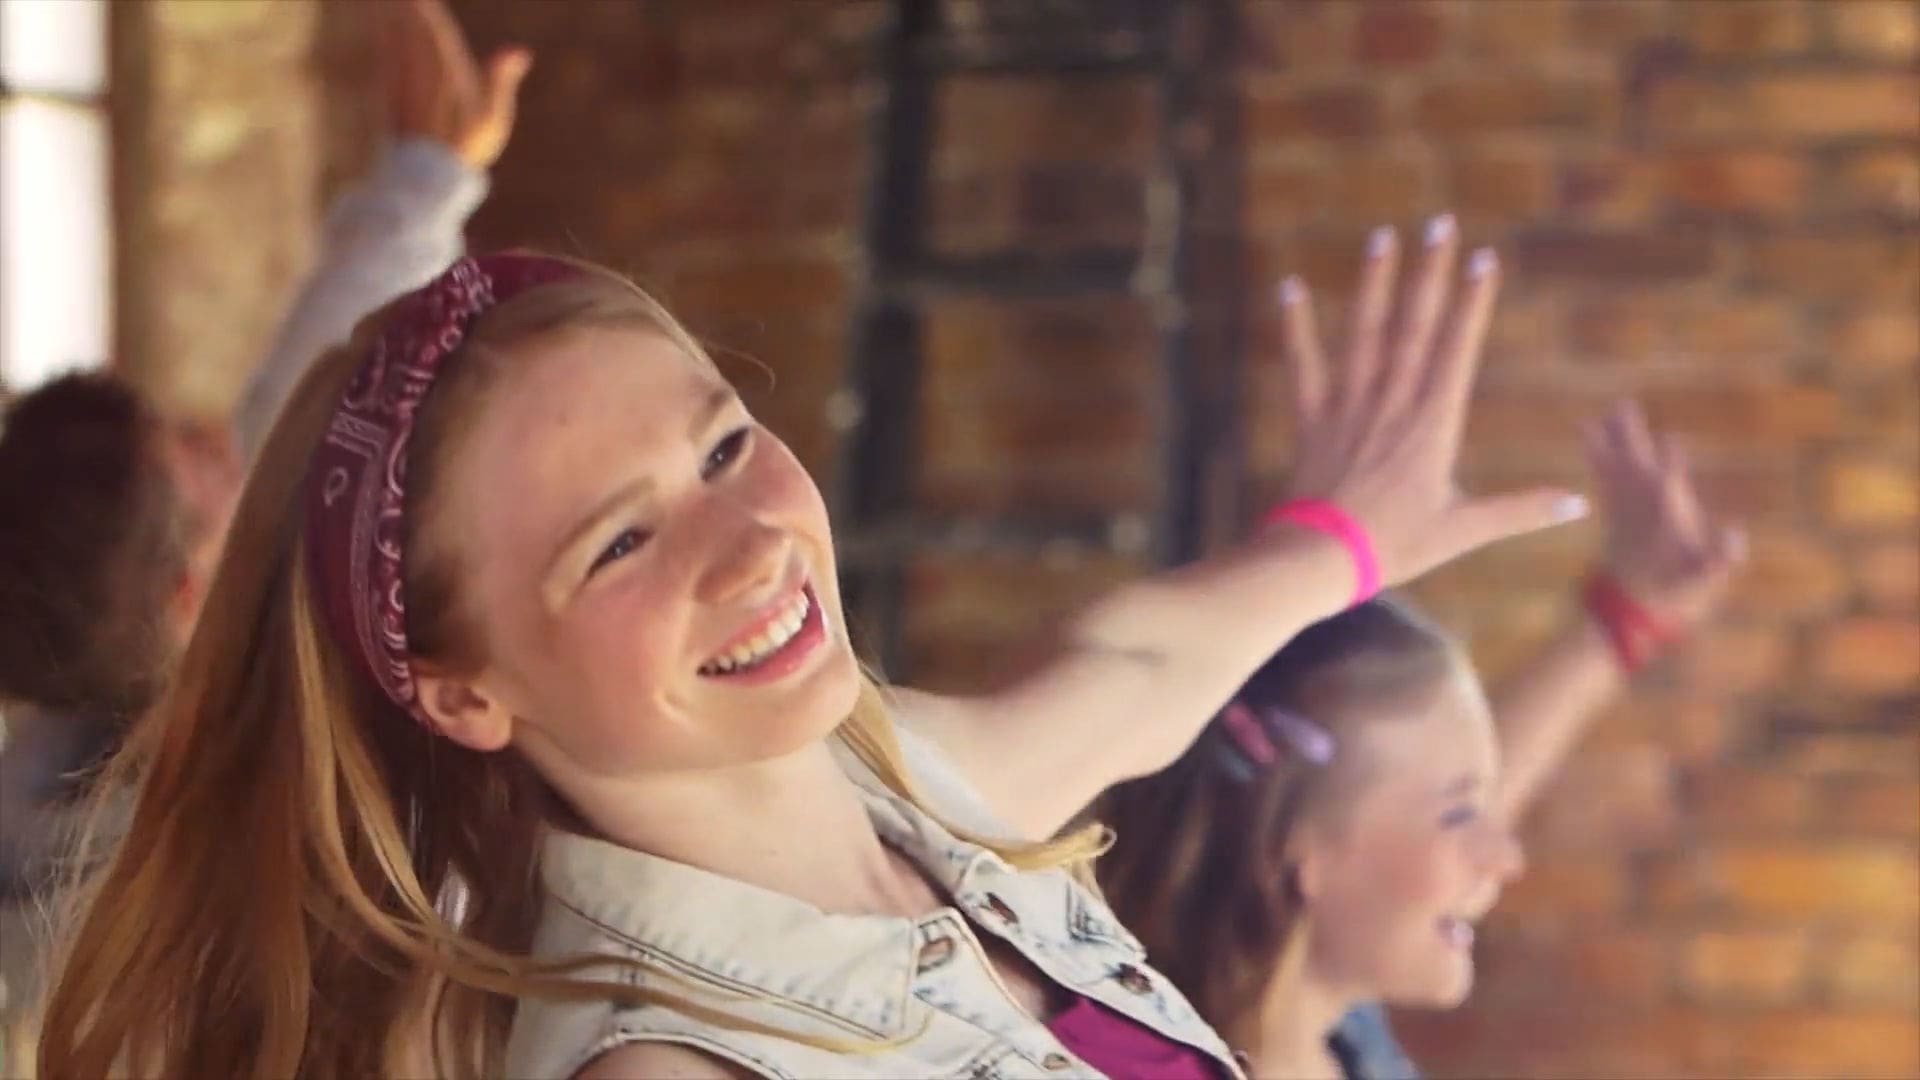 Violetta Dance - Vinnarnas musikvideo